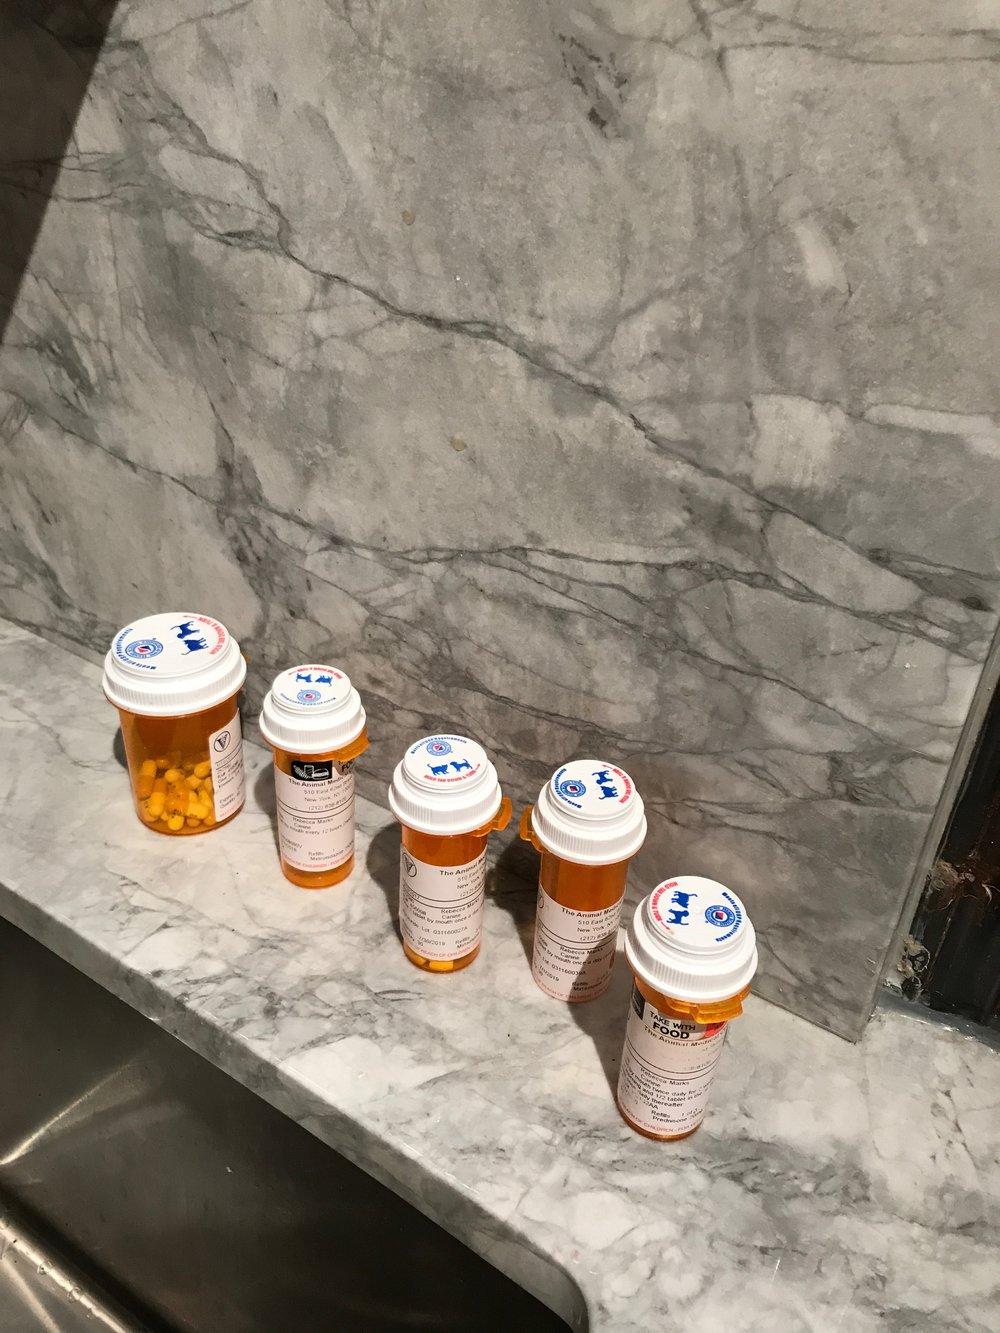 Moki's meds!